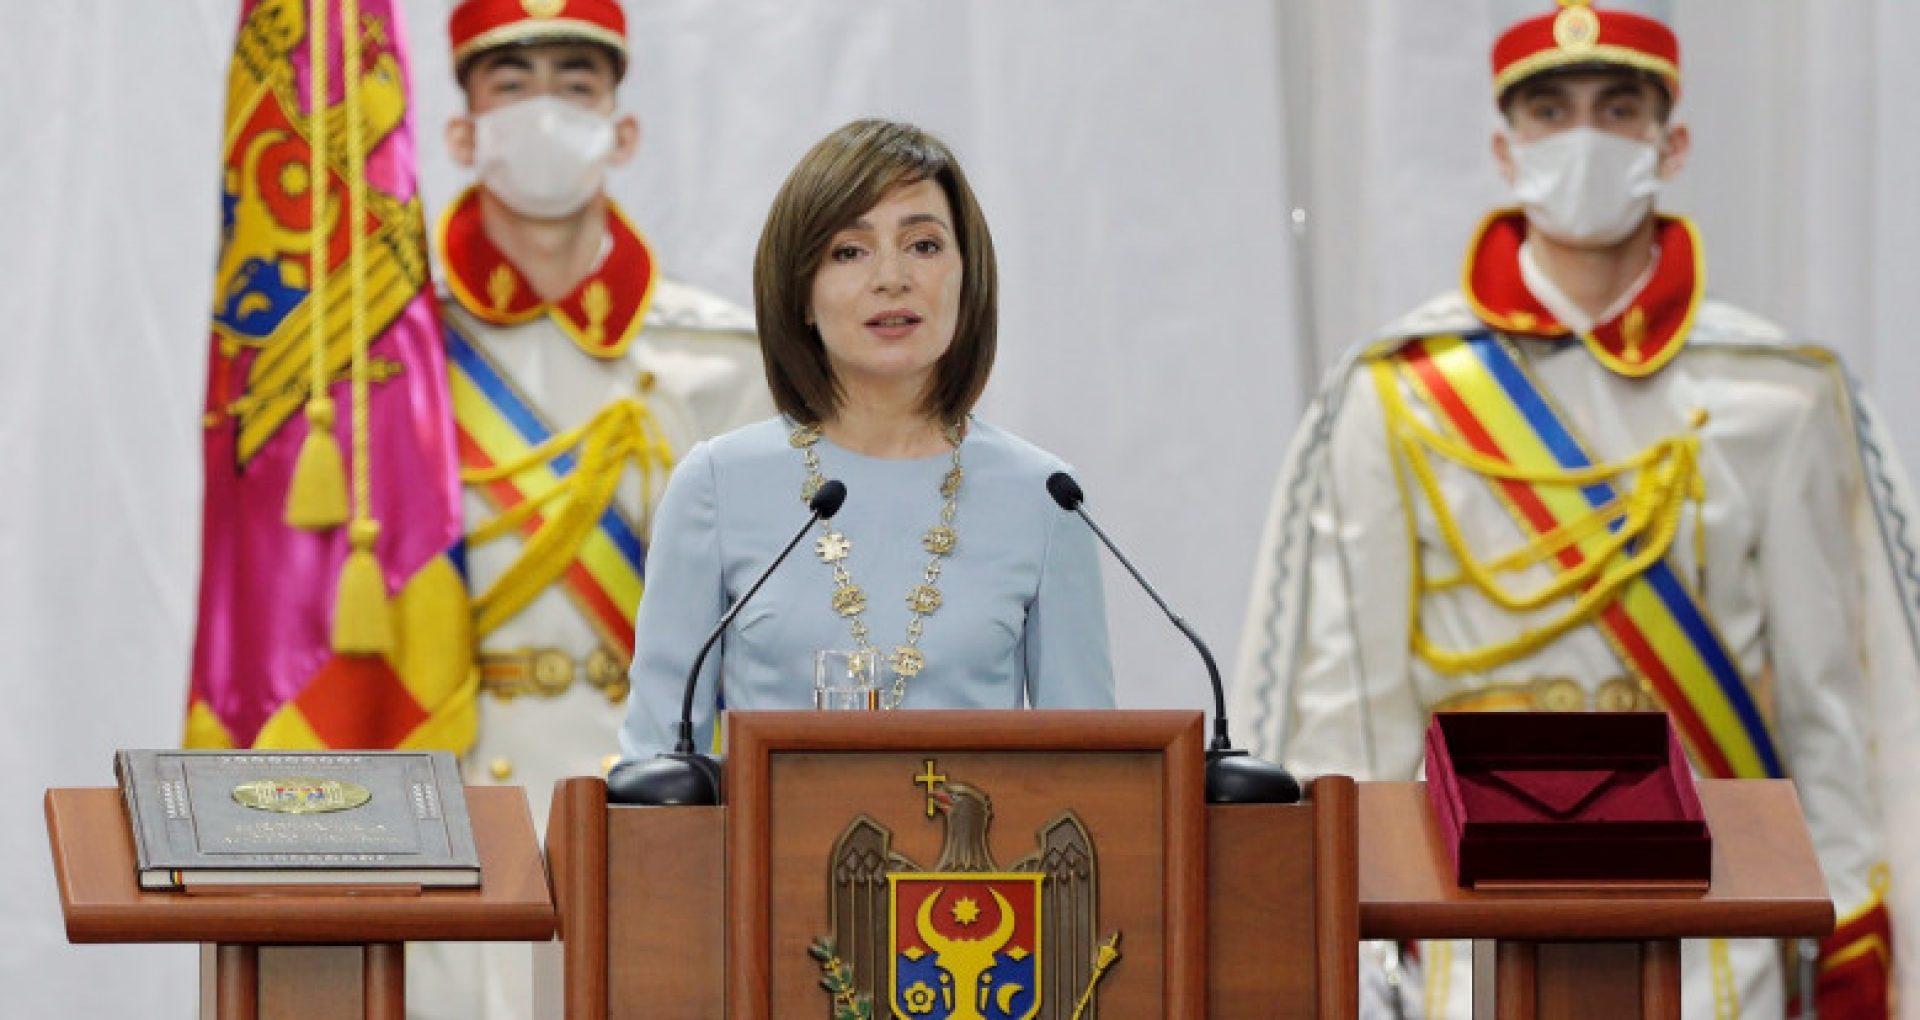 Președinta Maia Sandu a vorbit în română, rusă, bulgară, găgăuză și ucraineană în primul ei discurs după învestitură